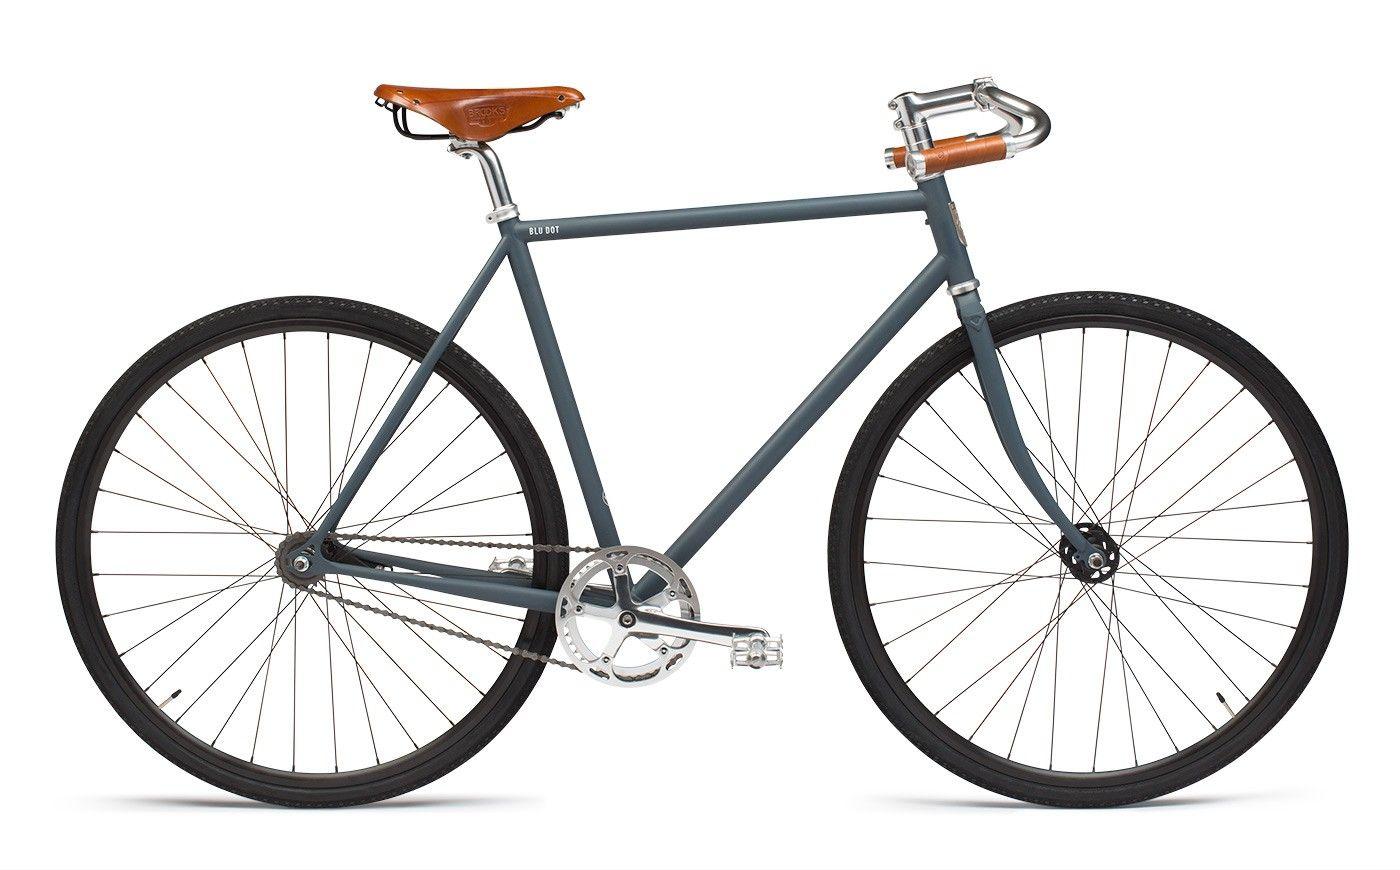 8 bludot bicycle 1926 4